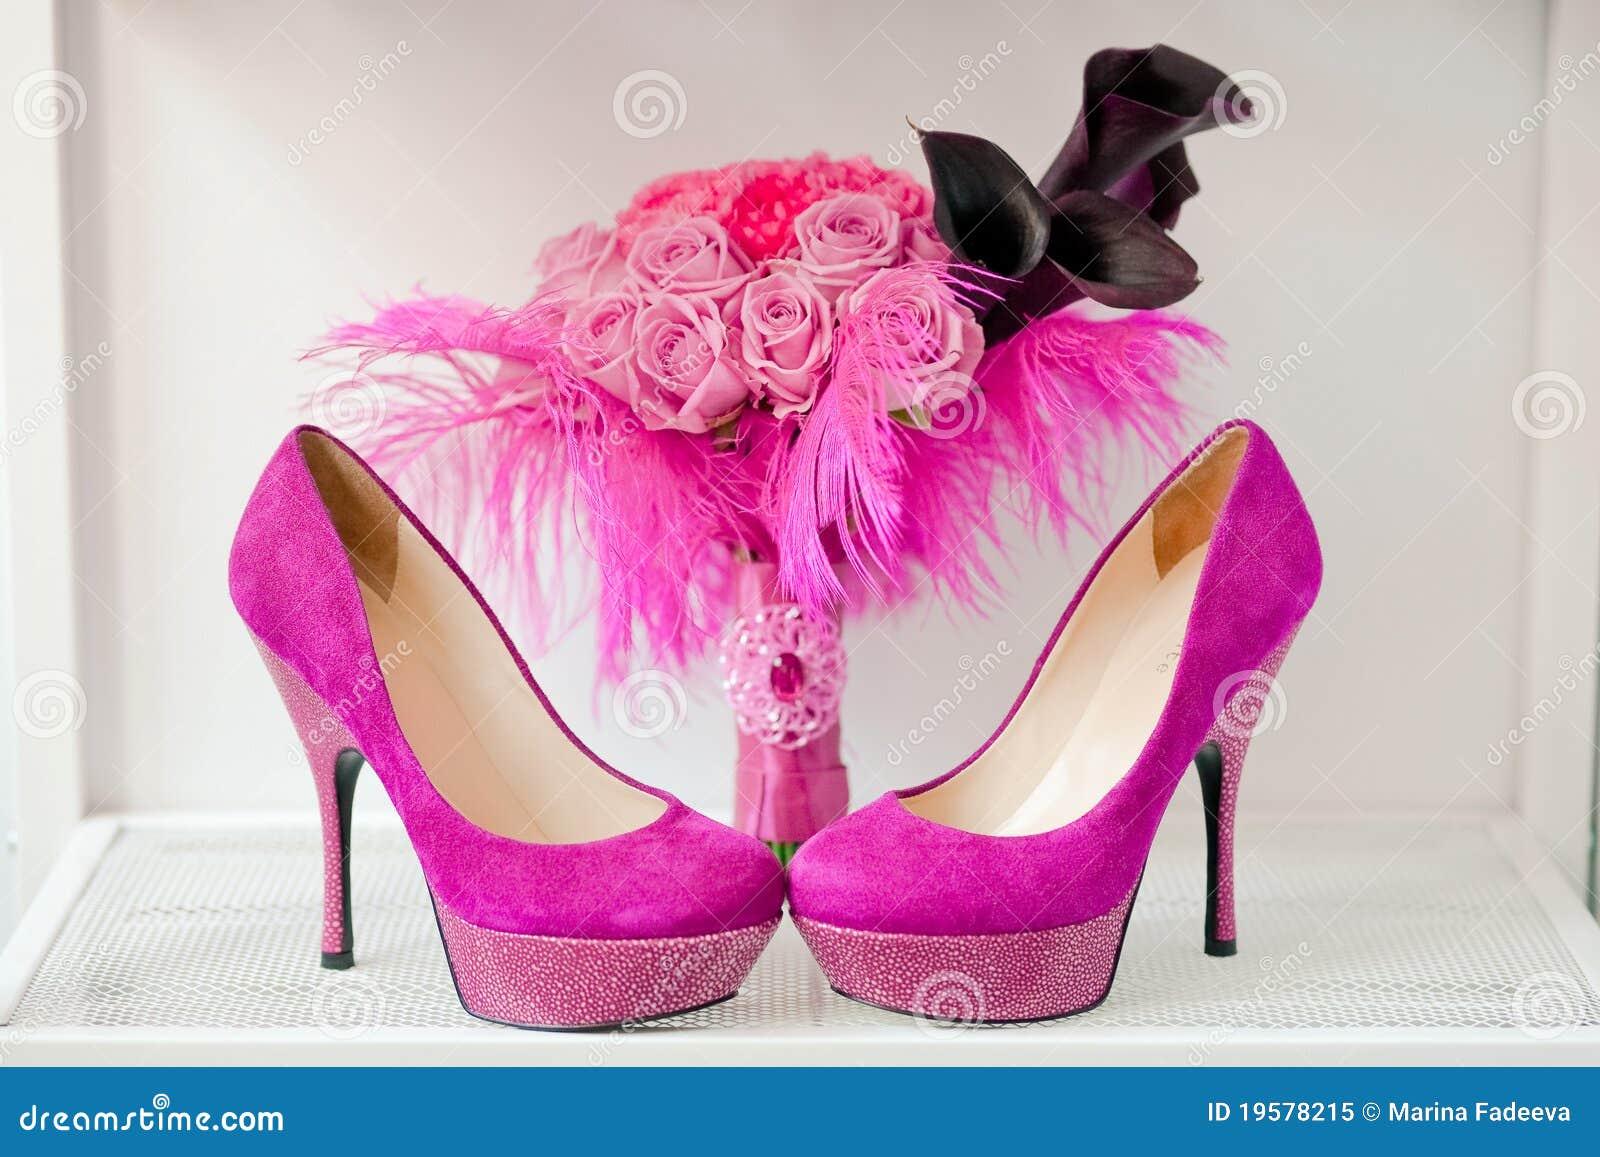 Bruids boeket van rozen en roze schoenen